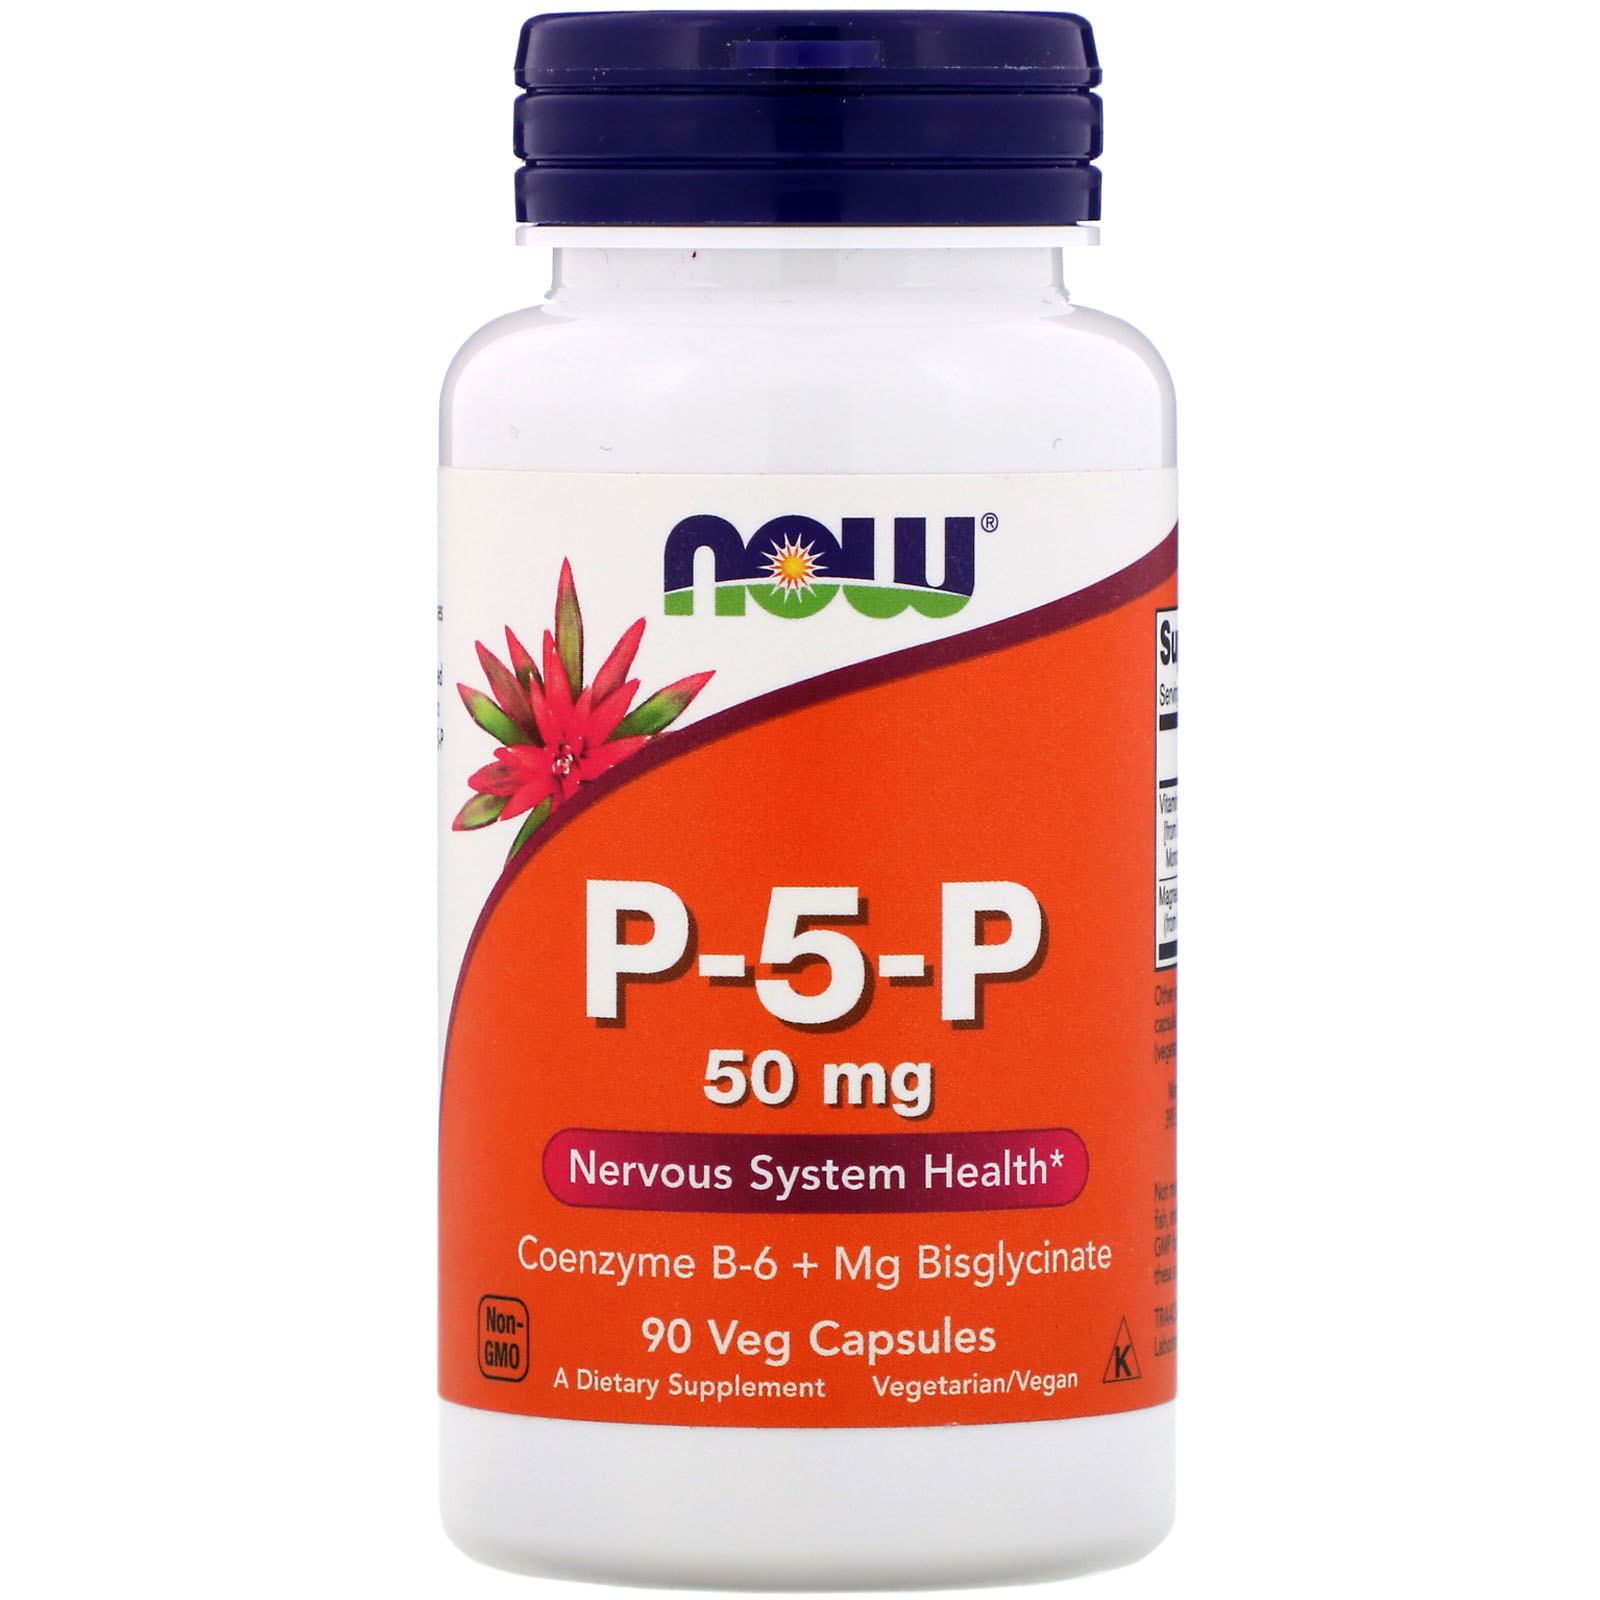 Купить Магний + В6 в биодоступной форме P-5-P, Витамины для нервов NOW магний + В6 в биодоступной форме P-5-P 50 мг капсулы 90 шт.